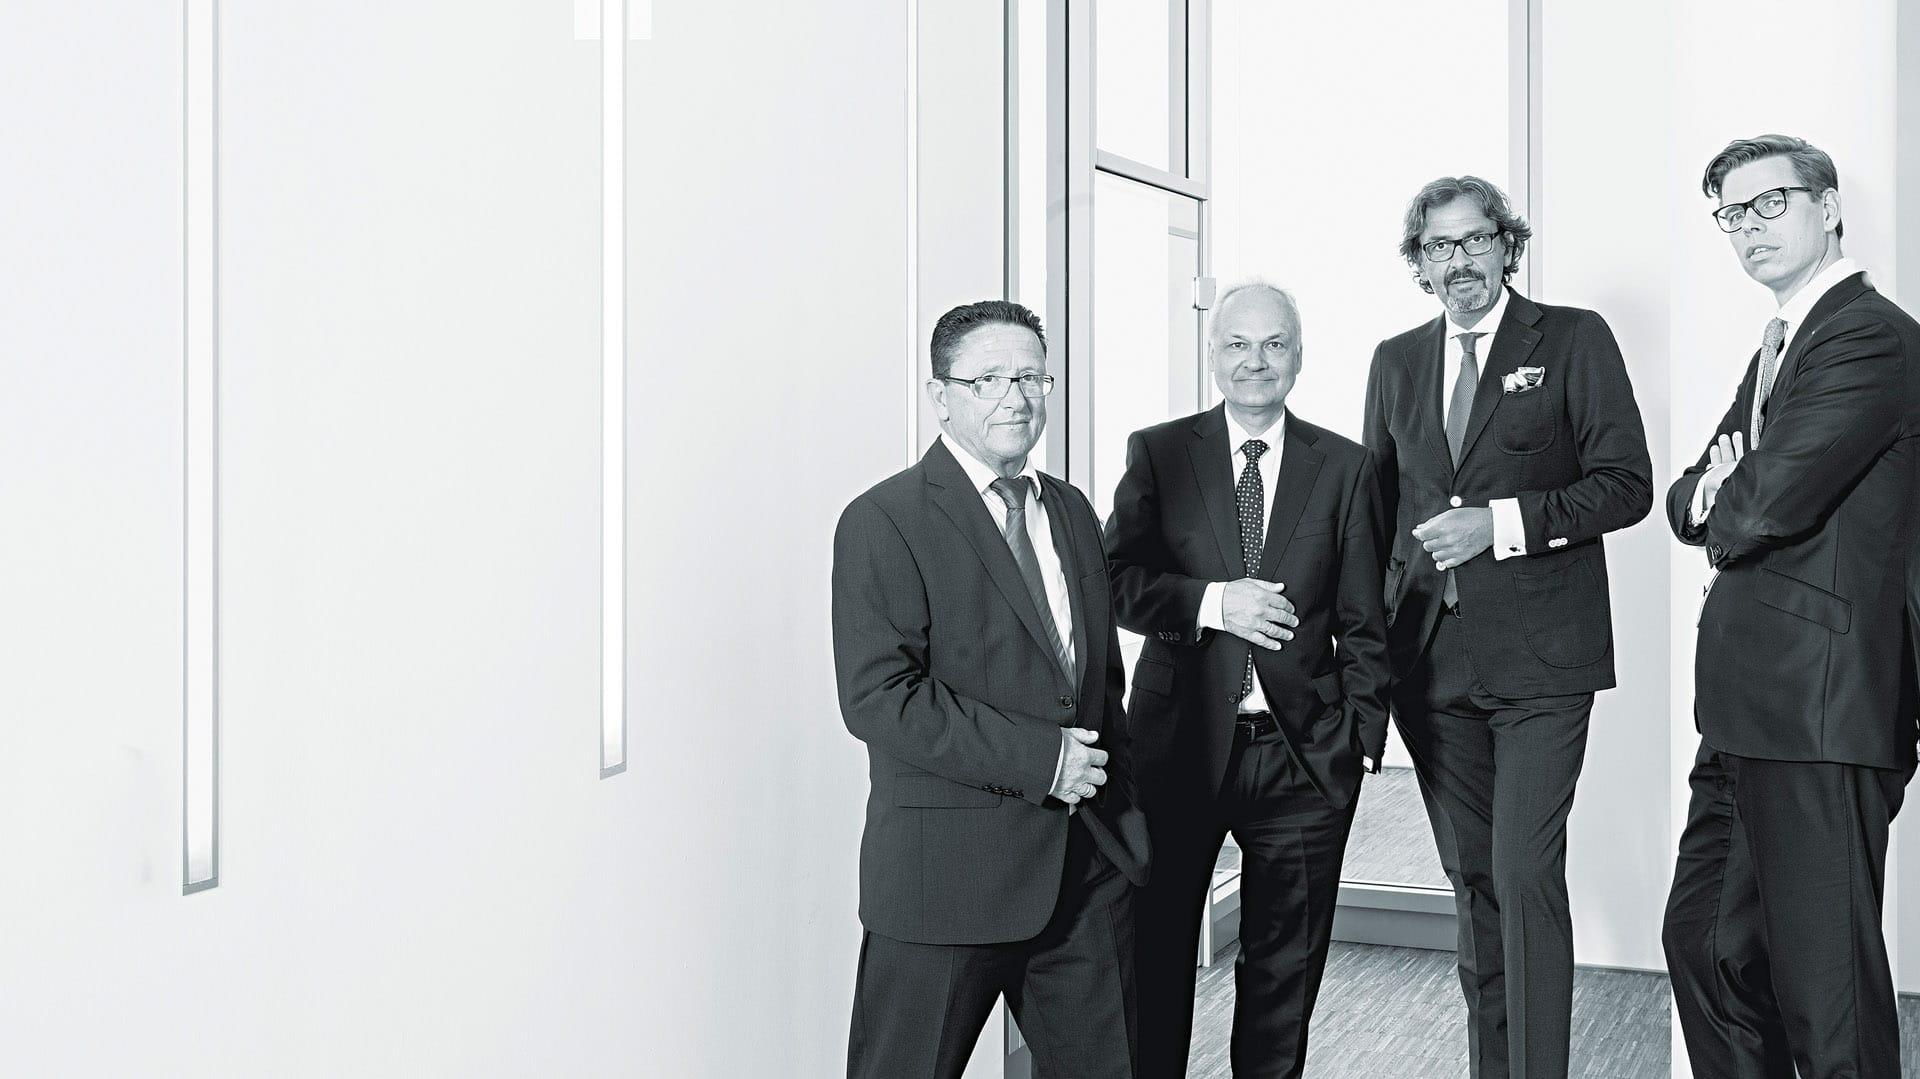 Business Portrait & Imagefotografie SCHOMBURG ROTHER SCHUMACHER 011